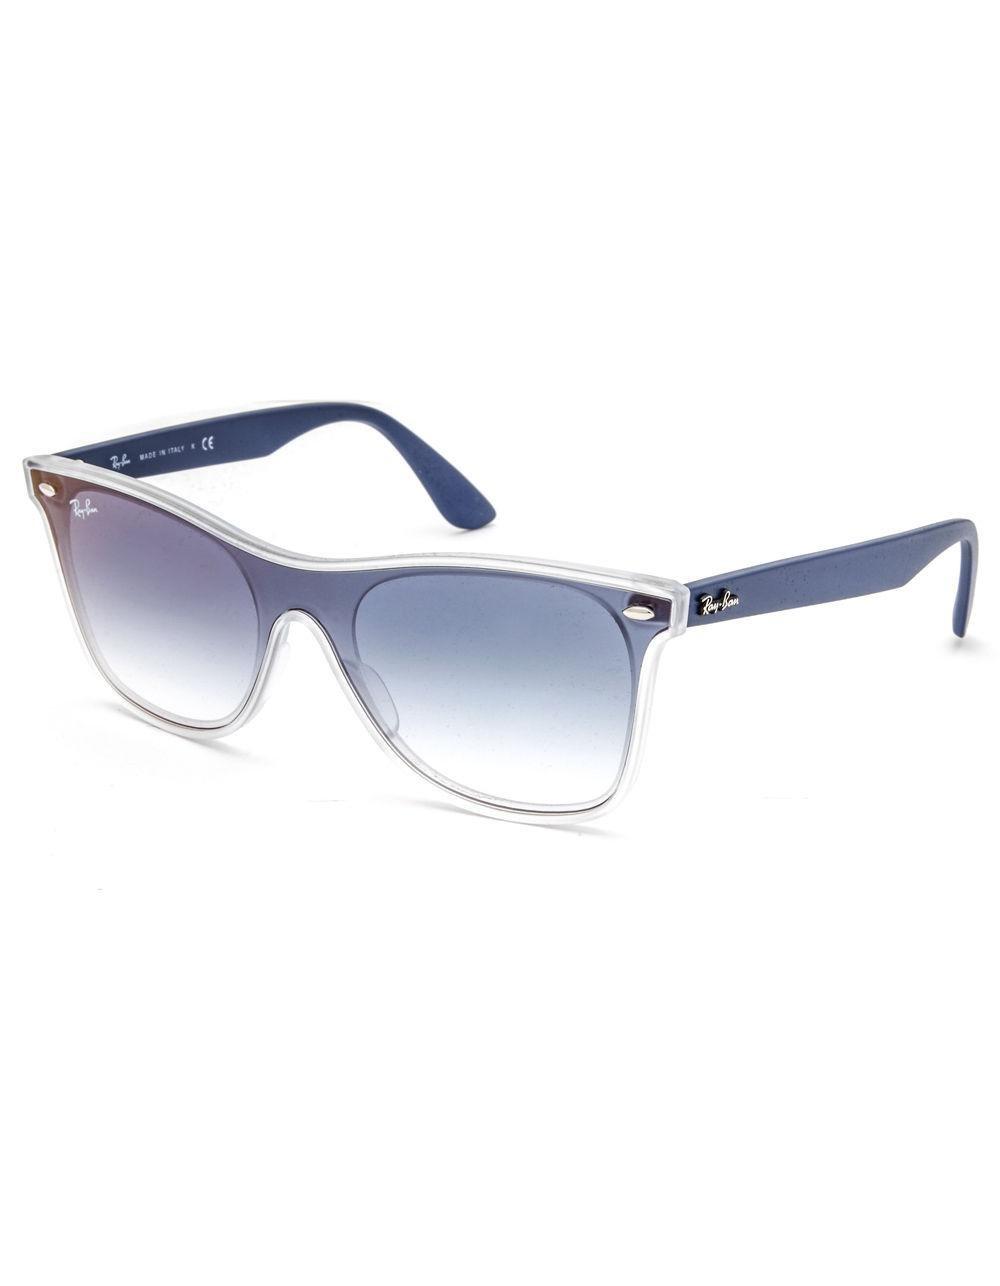 64ffa499c4 Lyst - Ray-Ban Blaze Wayfarer Blue Sunglasses in Blue